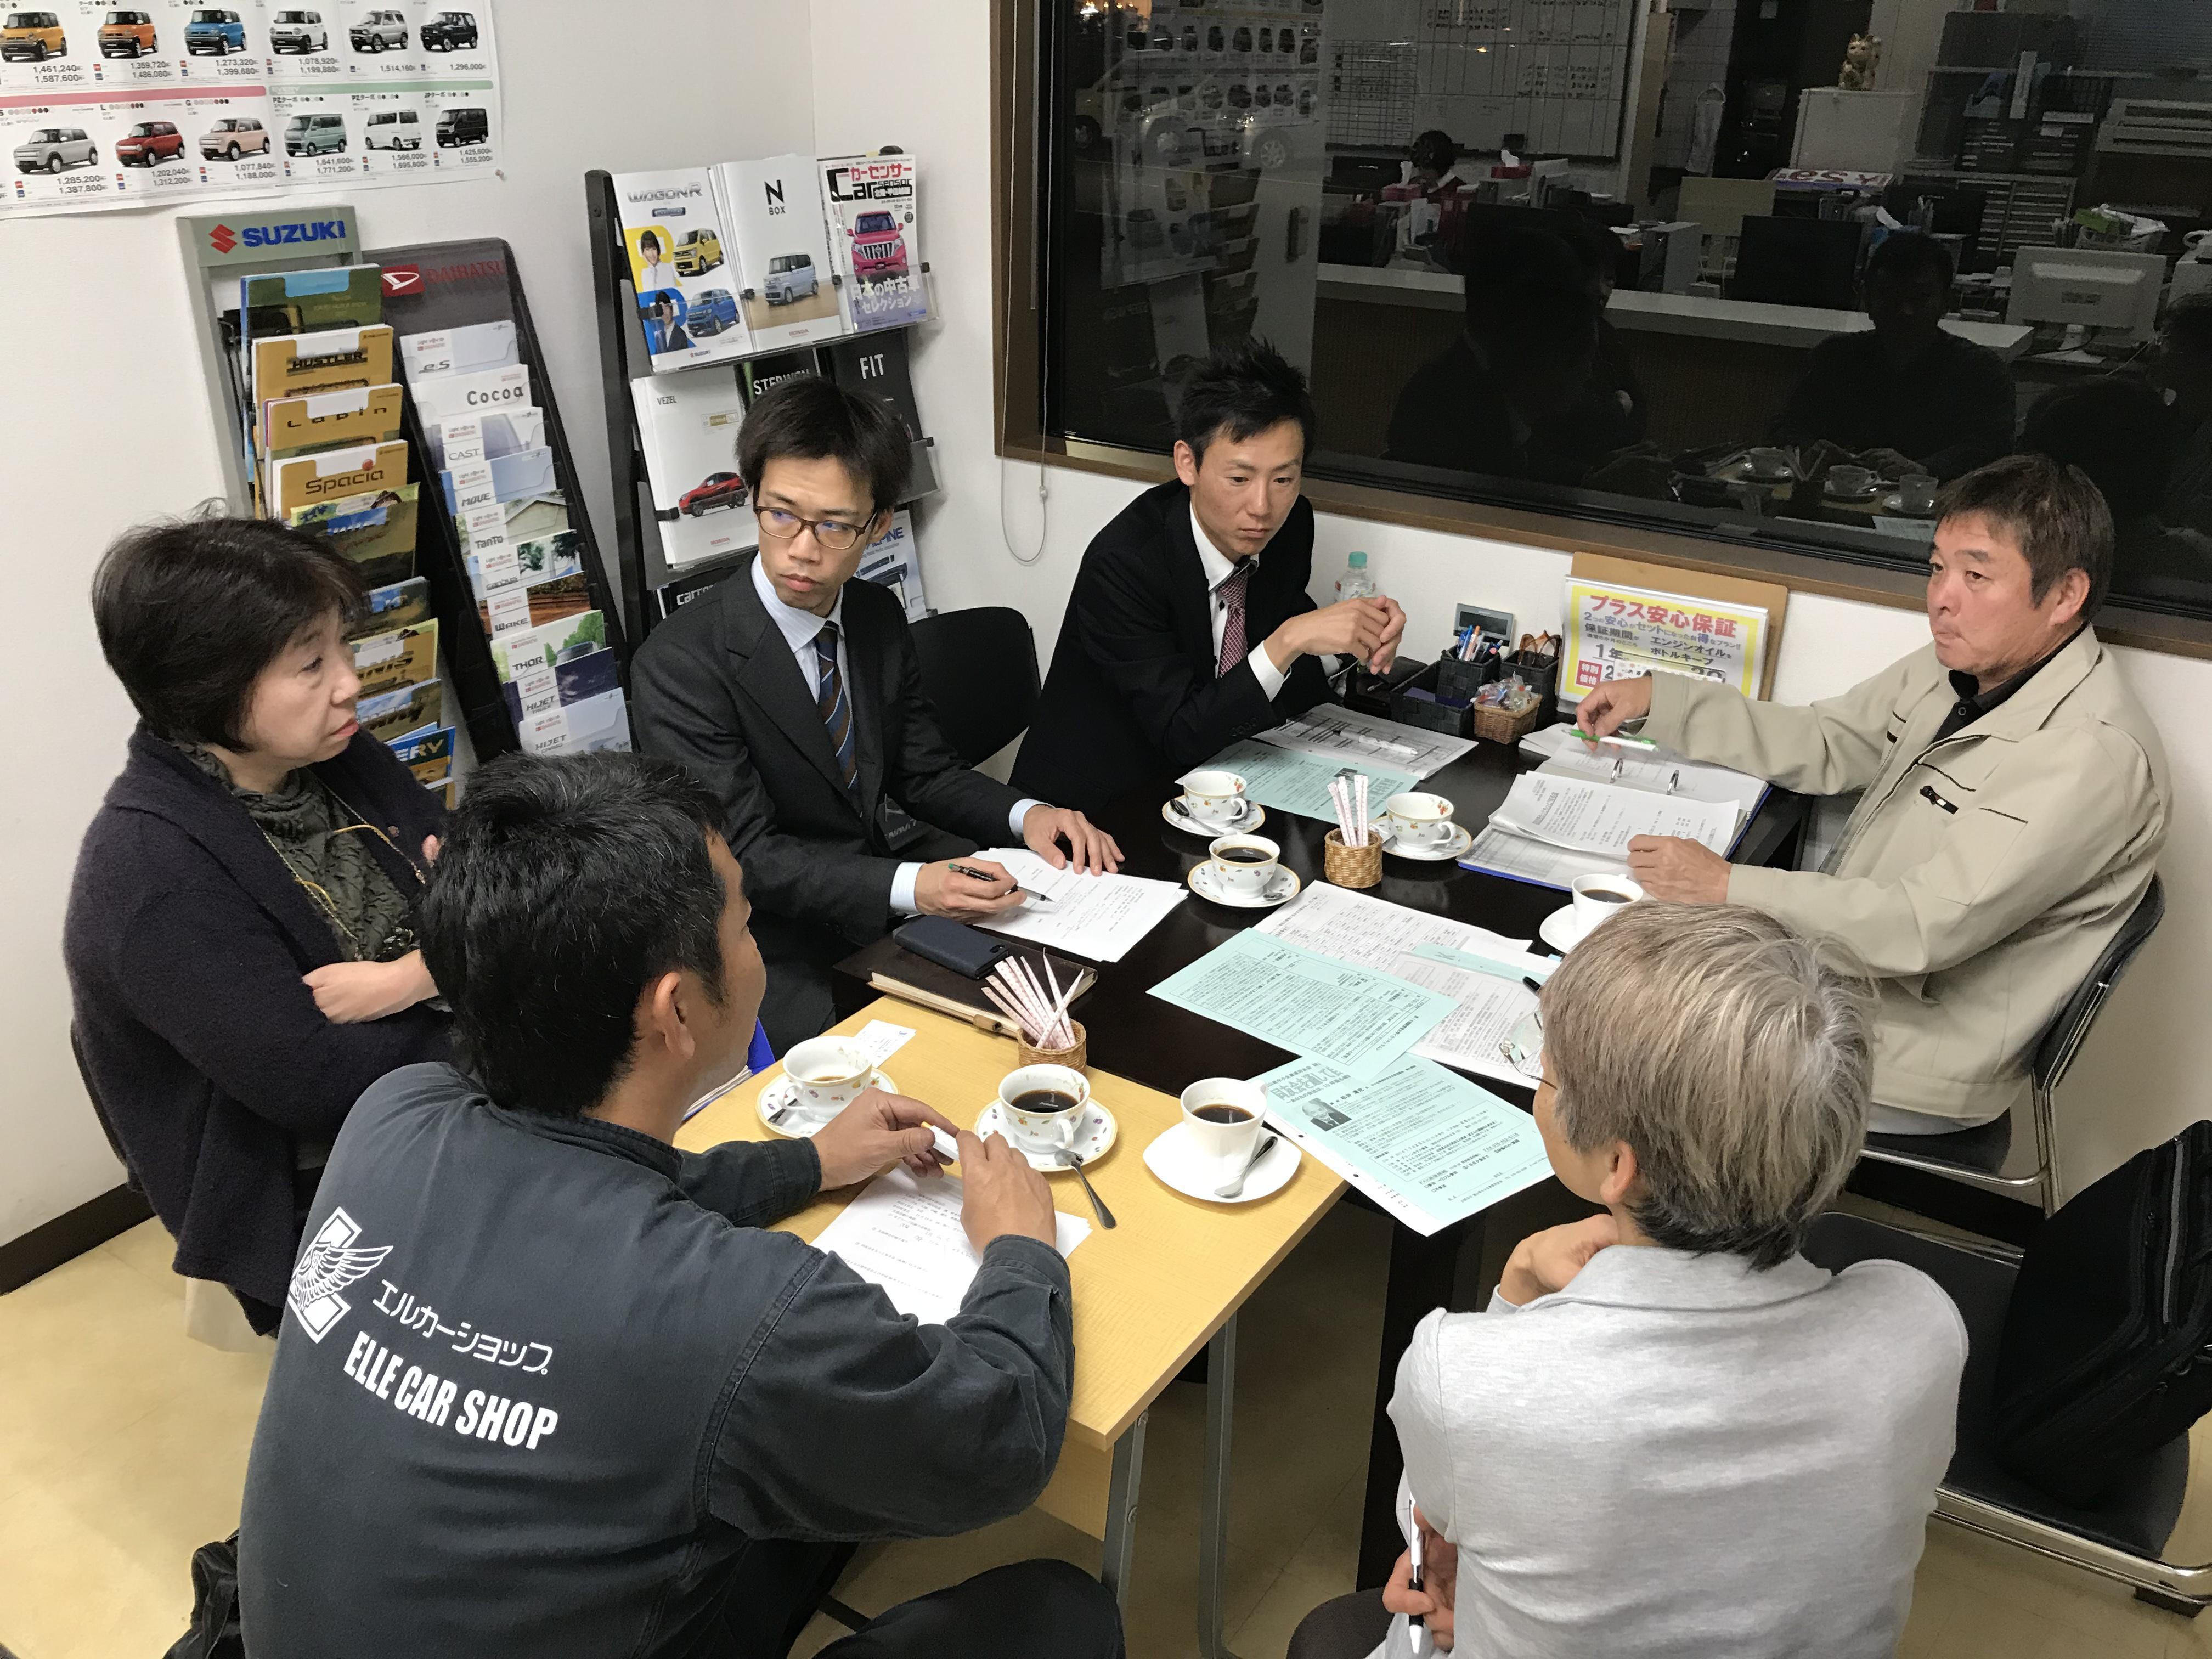 【城南支部】四役会を開催しました!